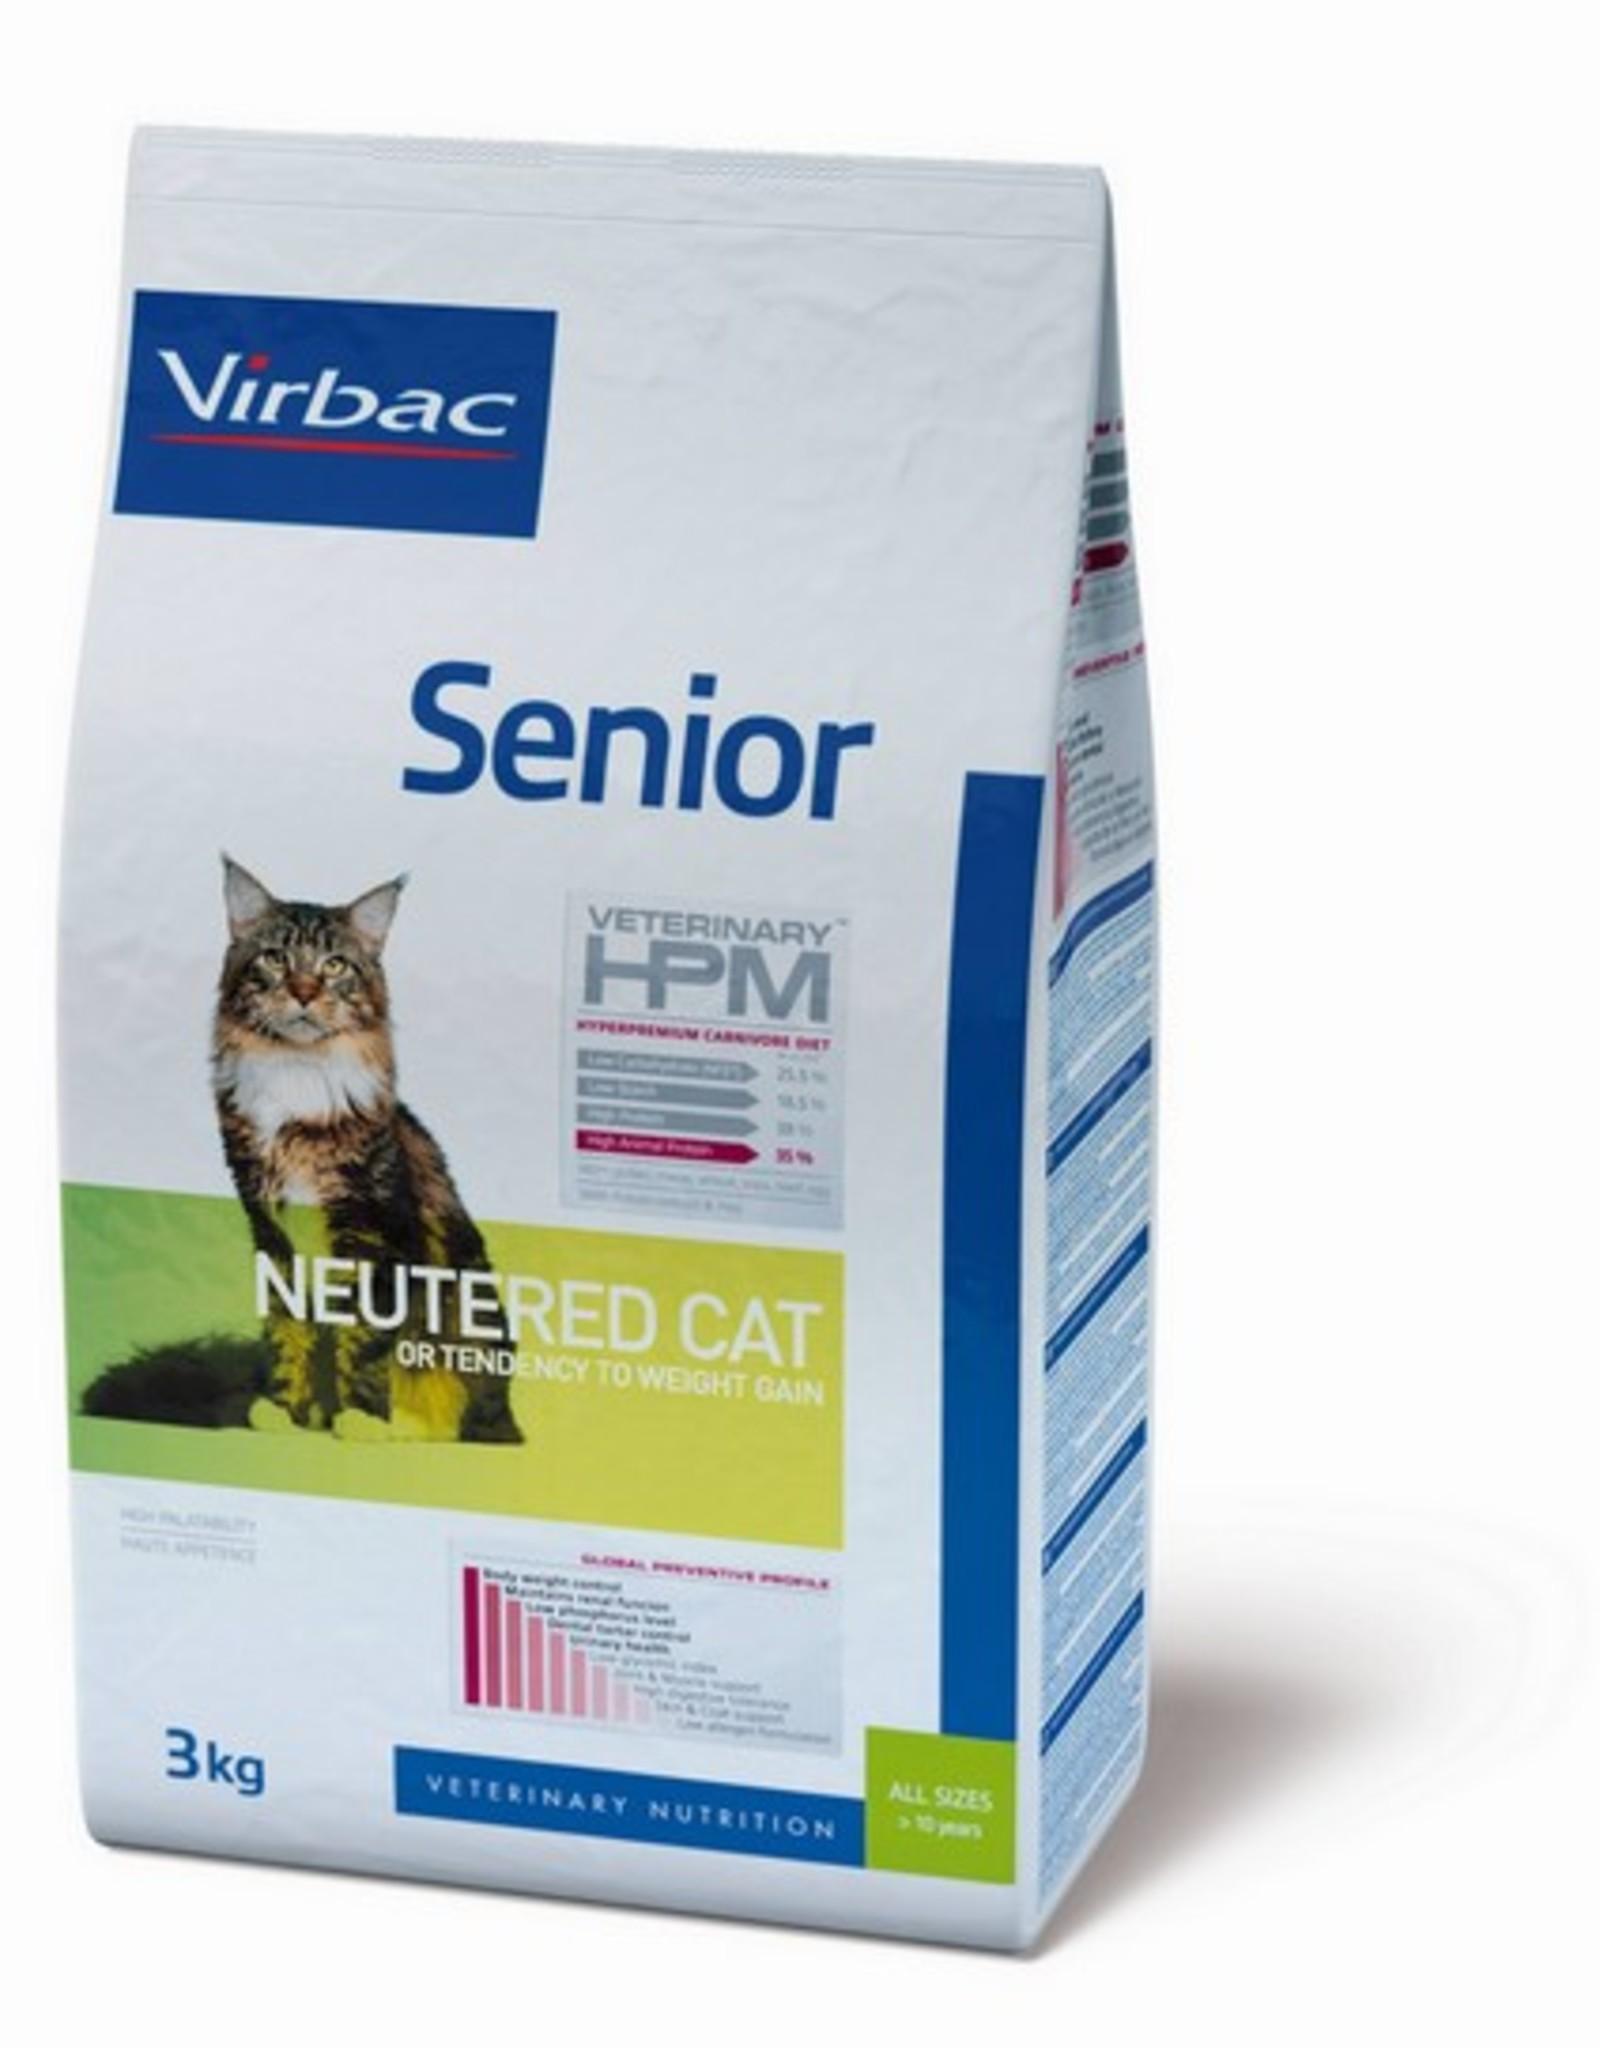 Virbac Virbac Hpm Katze Neutered Senior 3kg